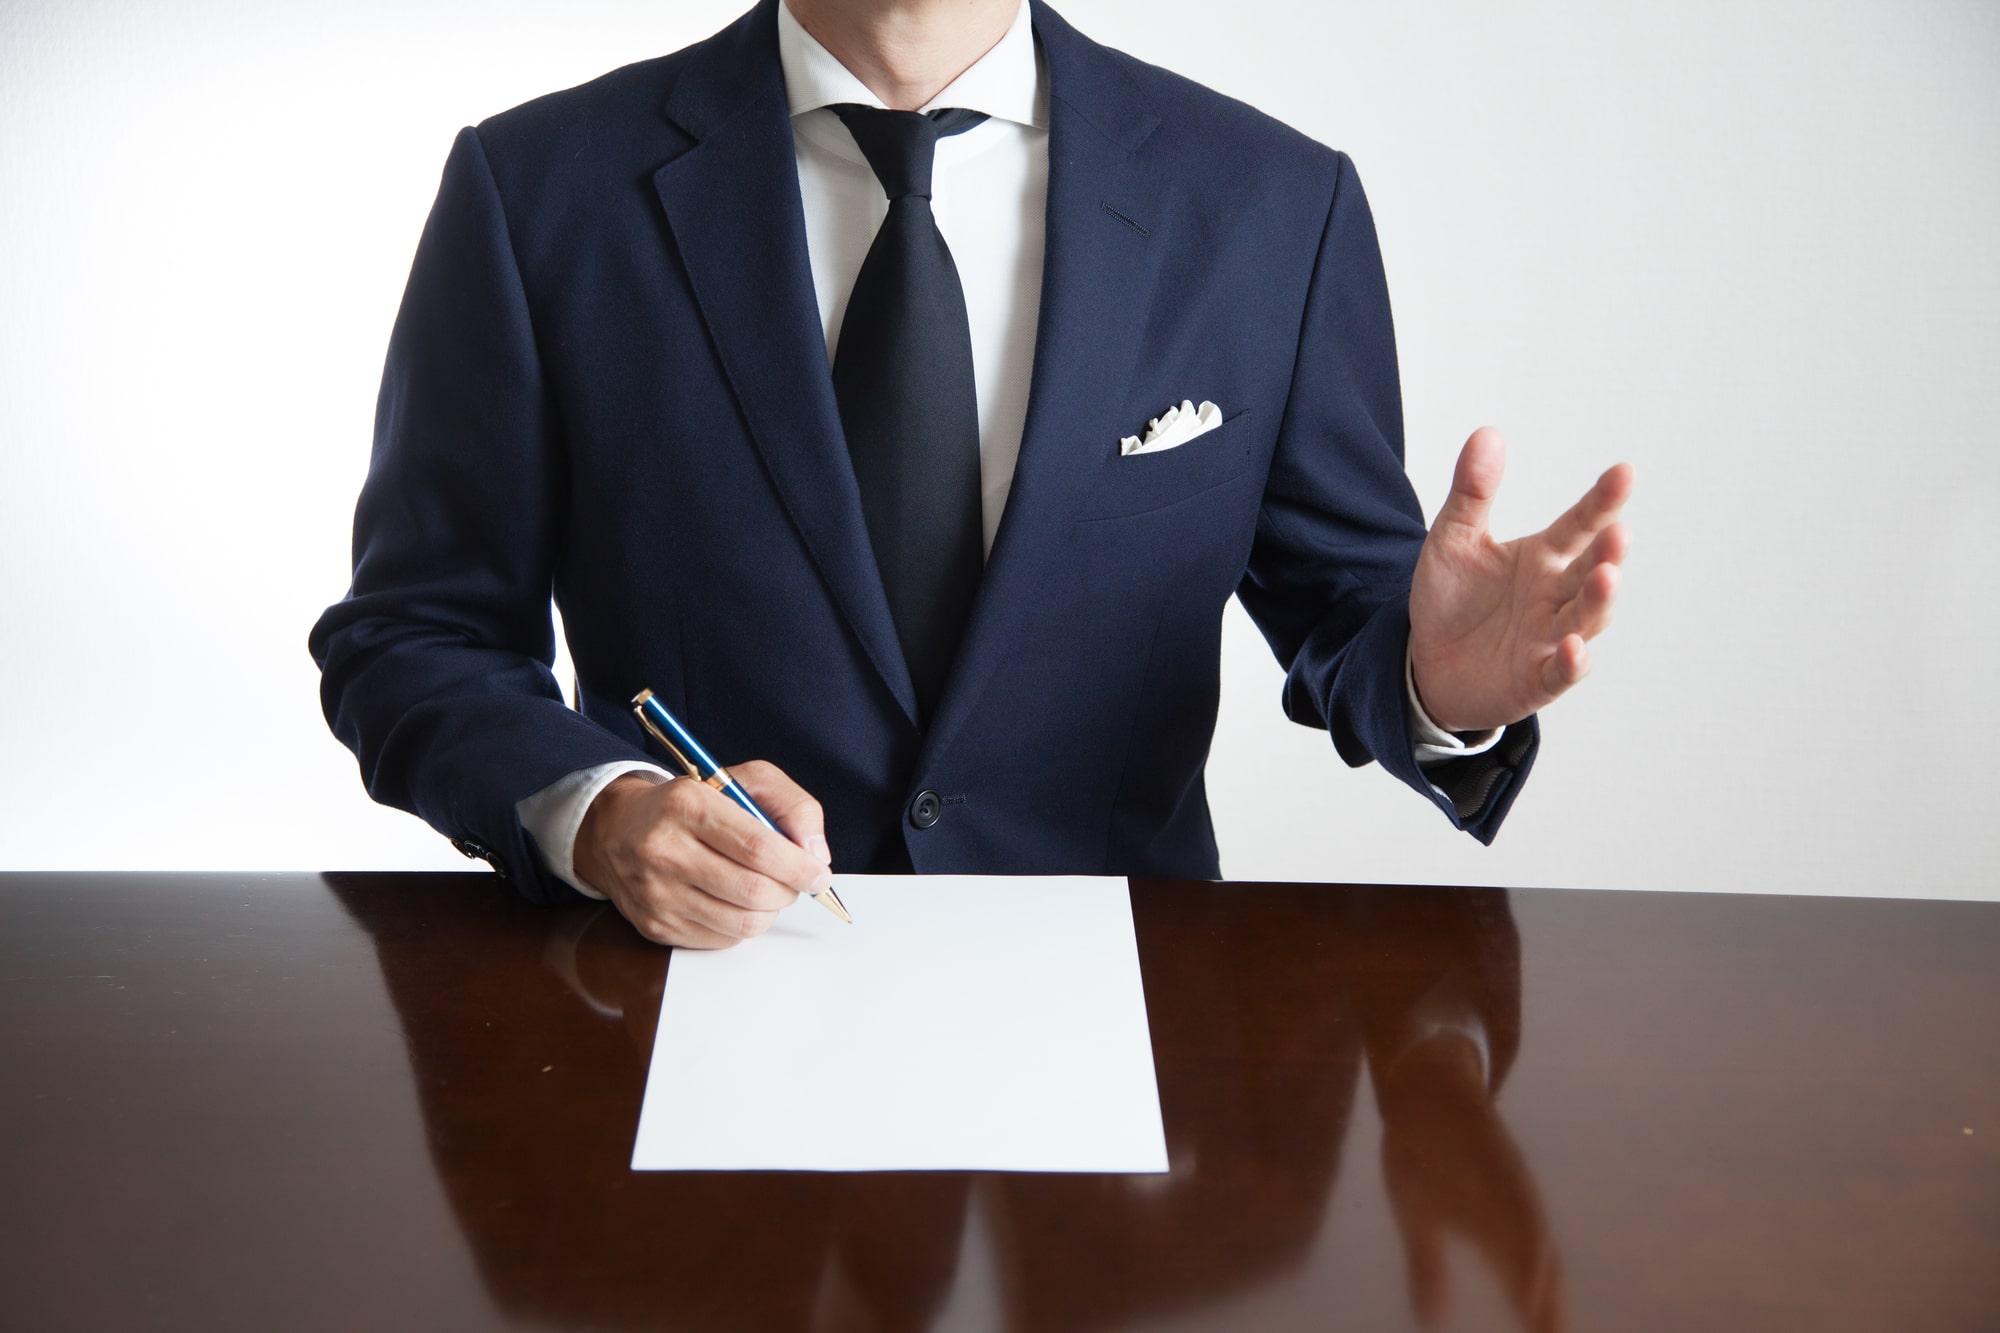 探偵事務所との契約前の確認事項